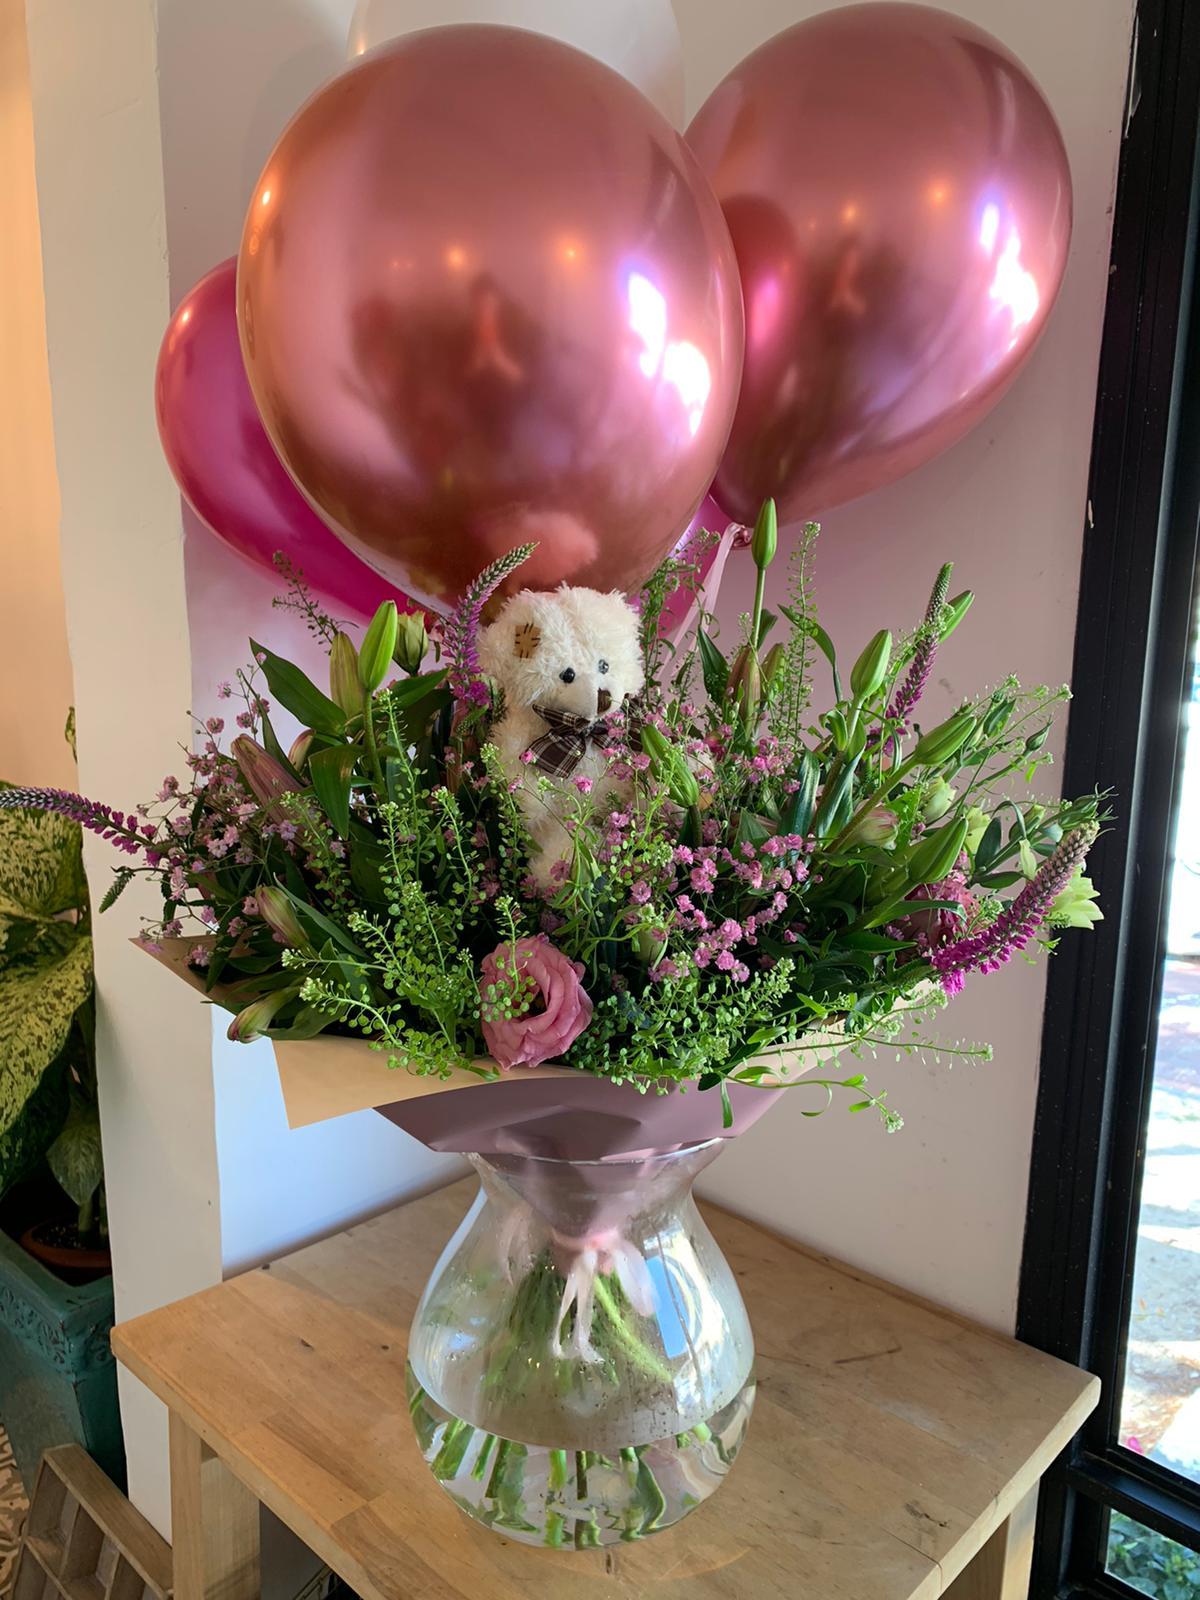 ורוד עם בלונים - פרחי סיתוונית - אשקלון